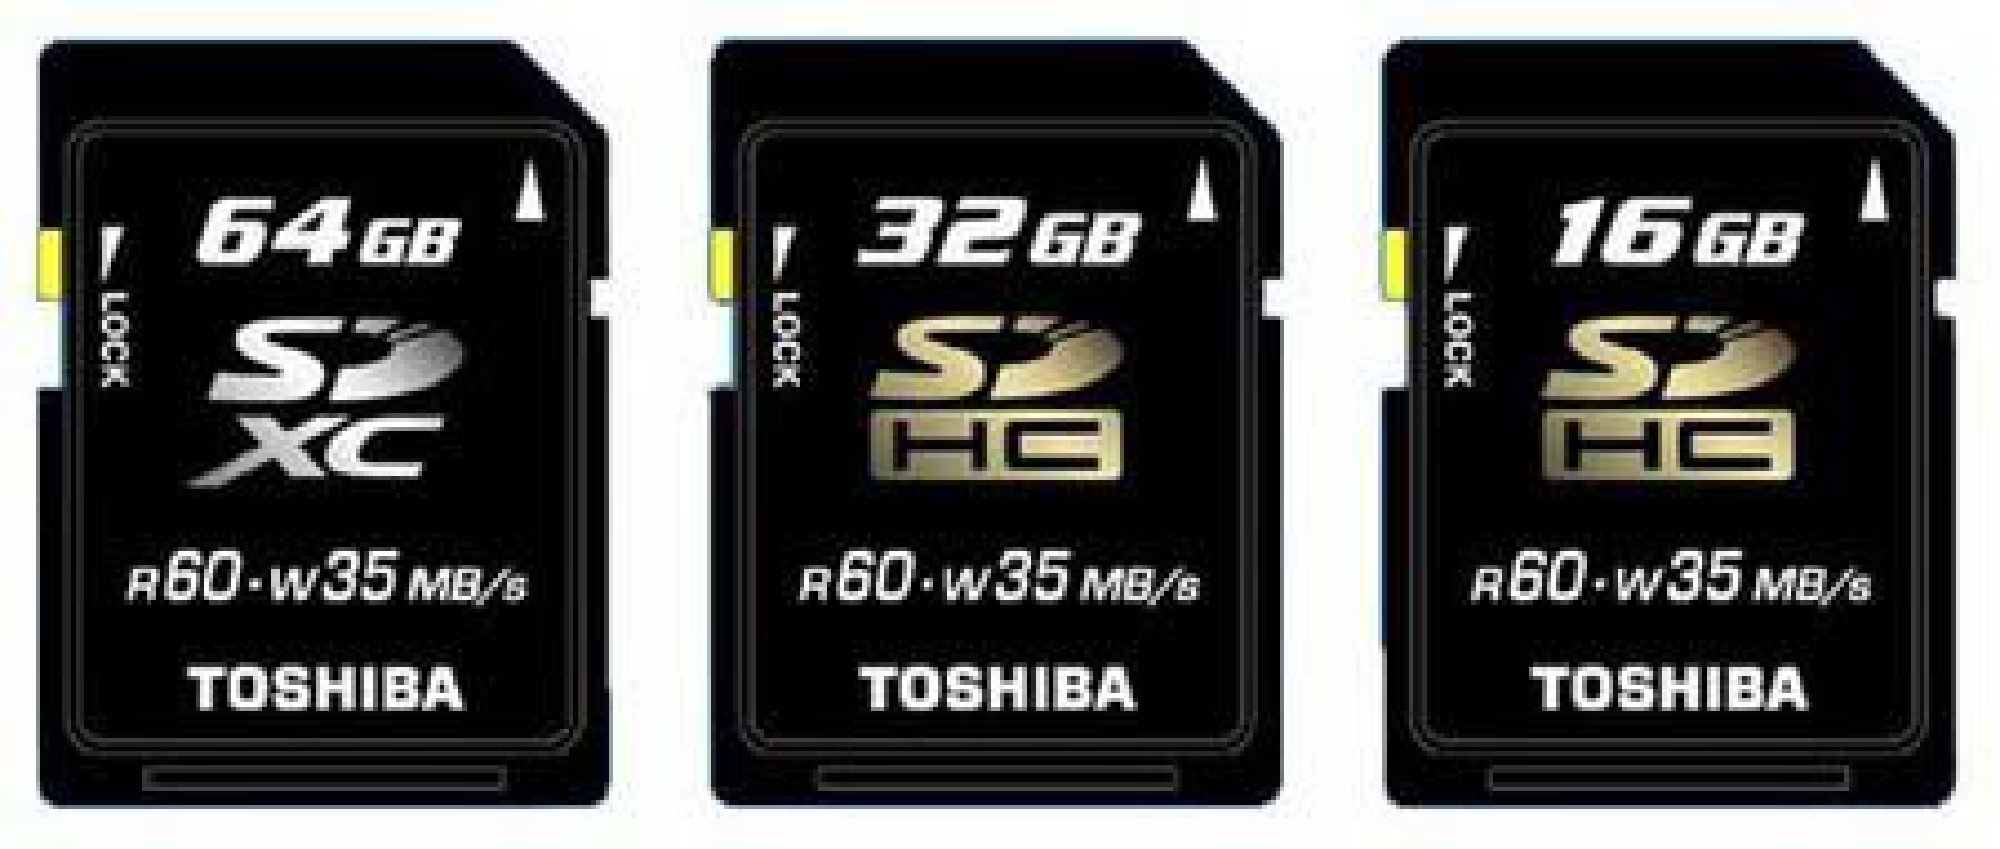 Nye, store og rask SD-kort fra Toshiba.